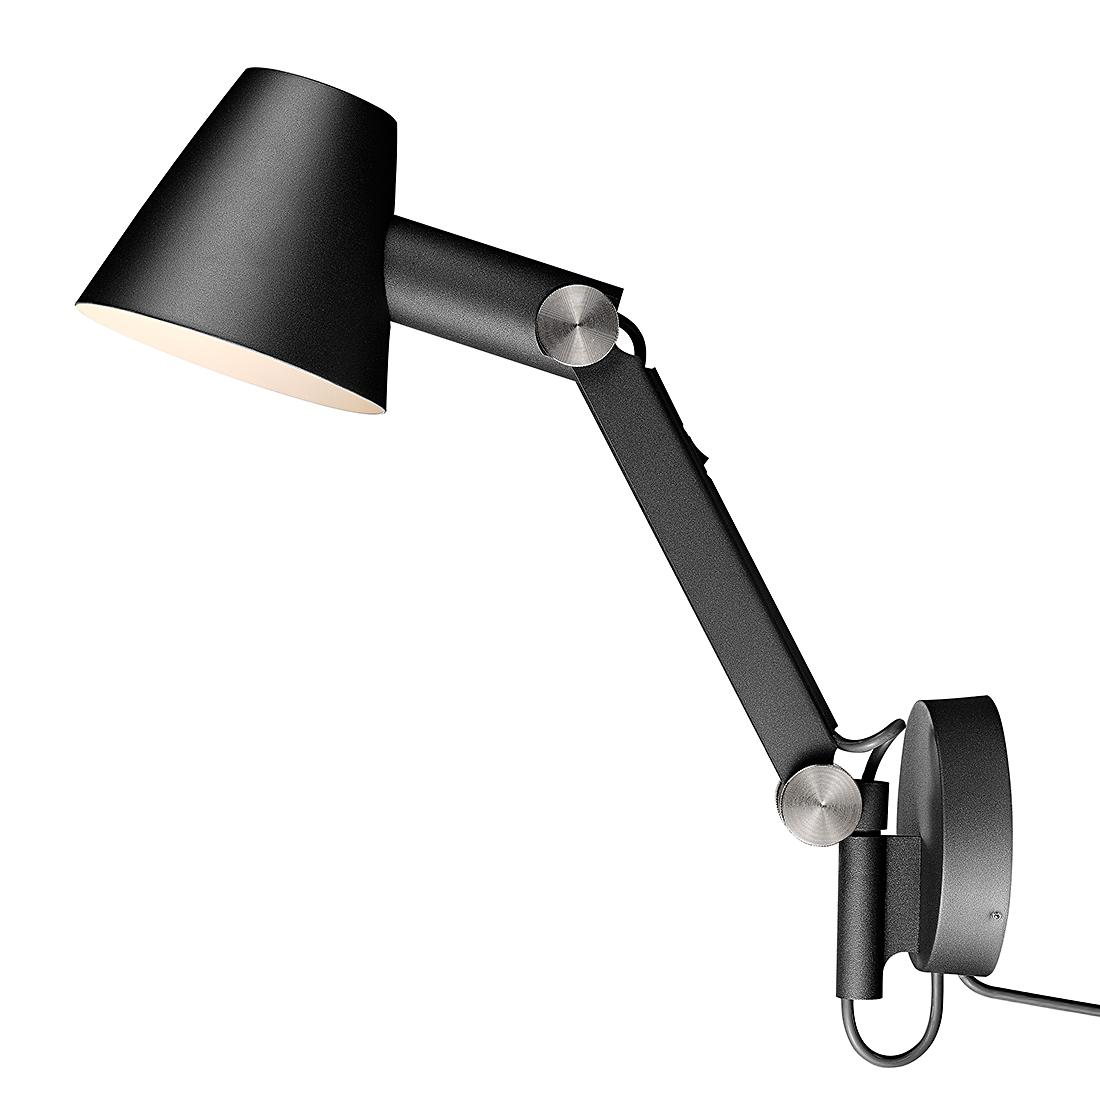 nordlux suspension pure argent 1 lumire moderne intrieur pure dlai de livraison 4 8. Black Bedroom Furniture Sets. Home Design Ideas